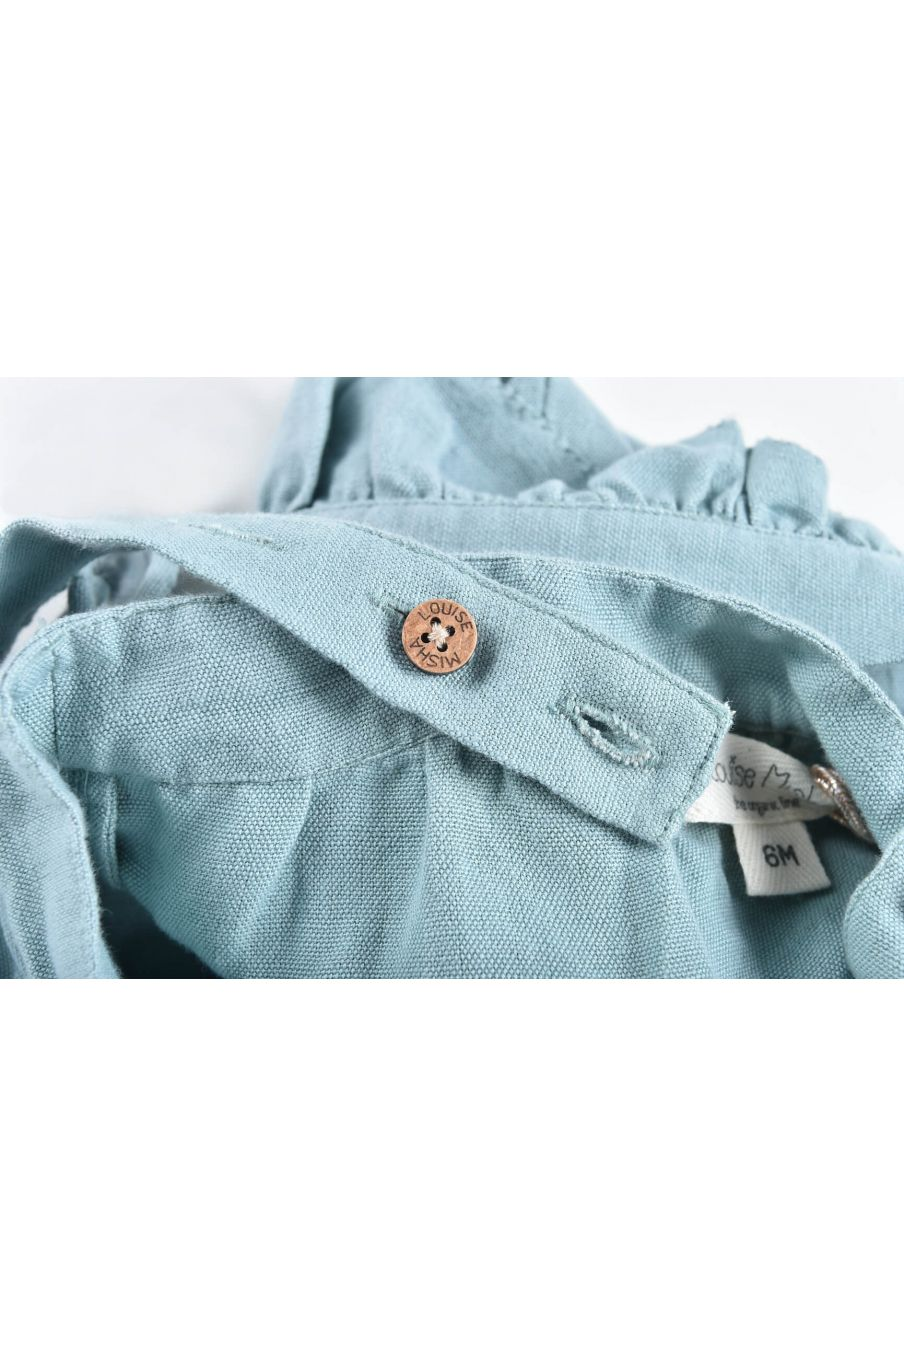 boheme chic vintage salopette bébé fille amishi vintage blue